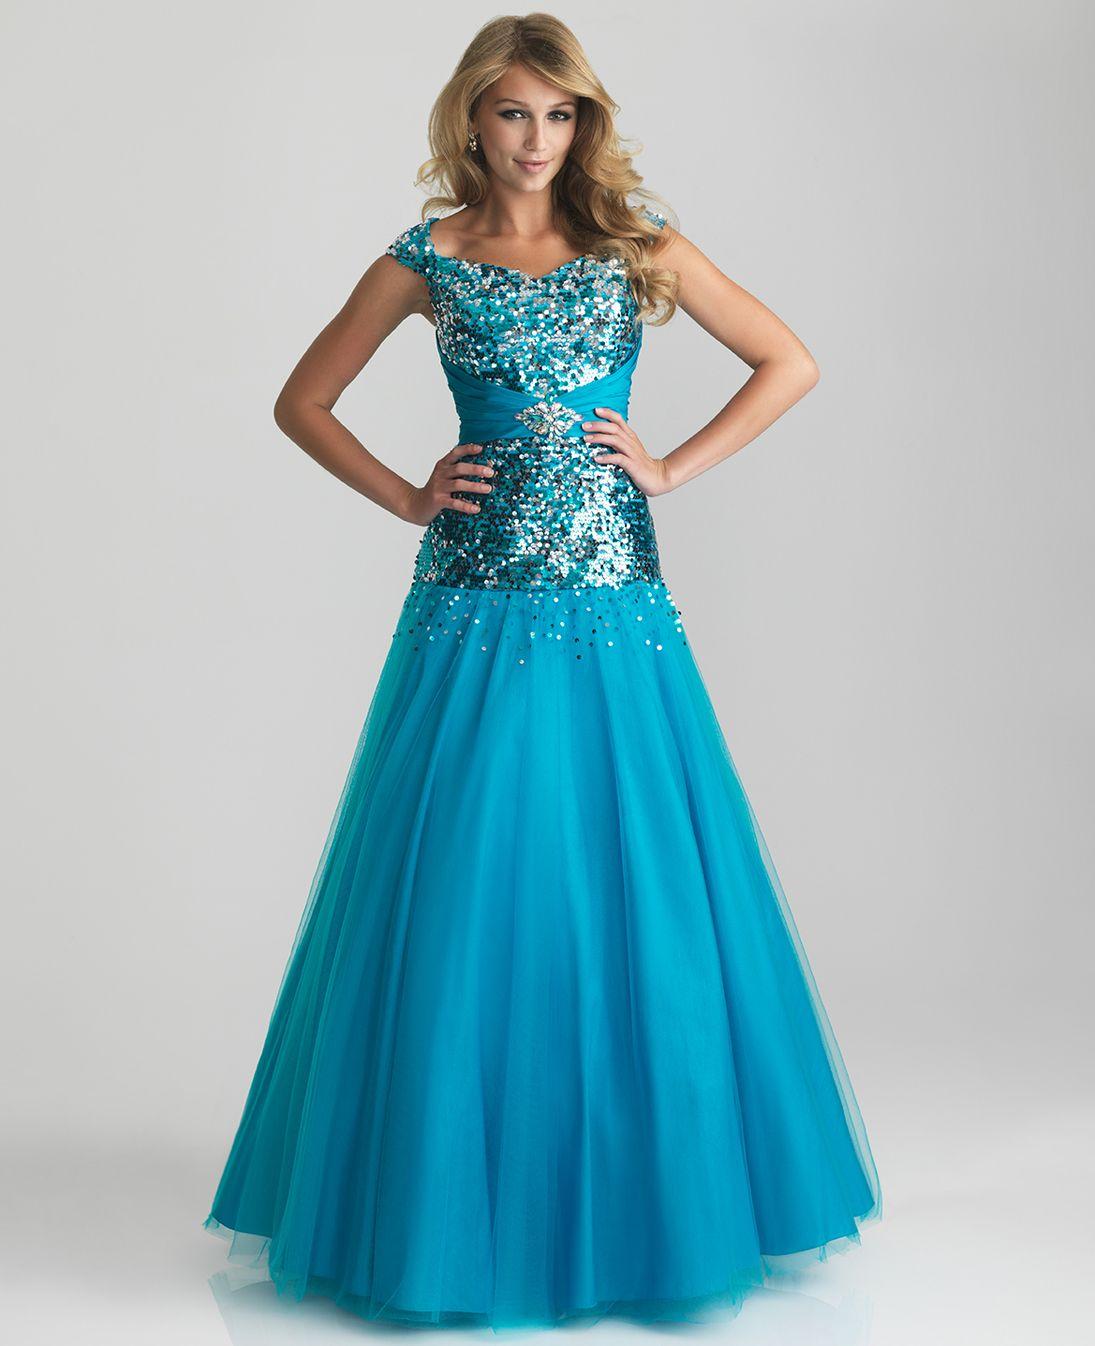 Cheap prom dresses in logan utah